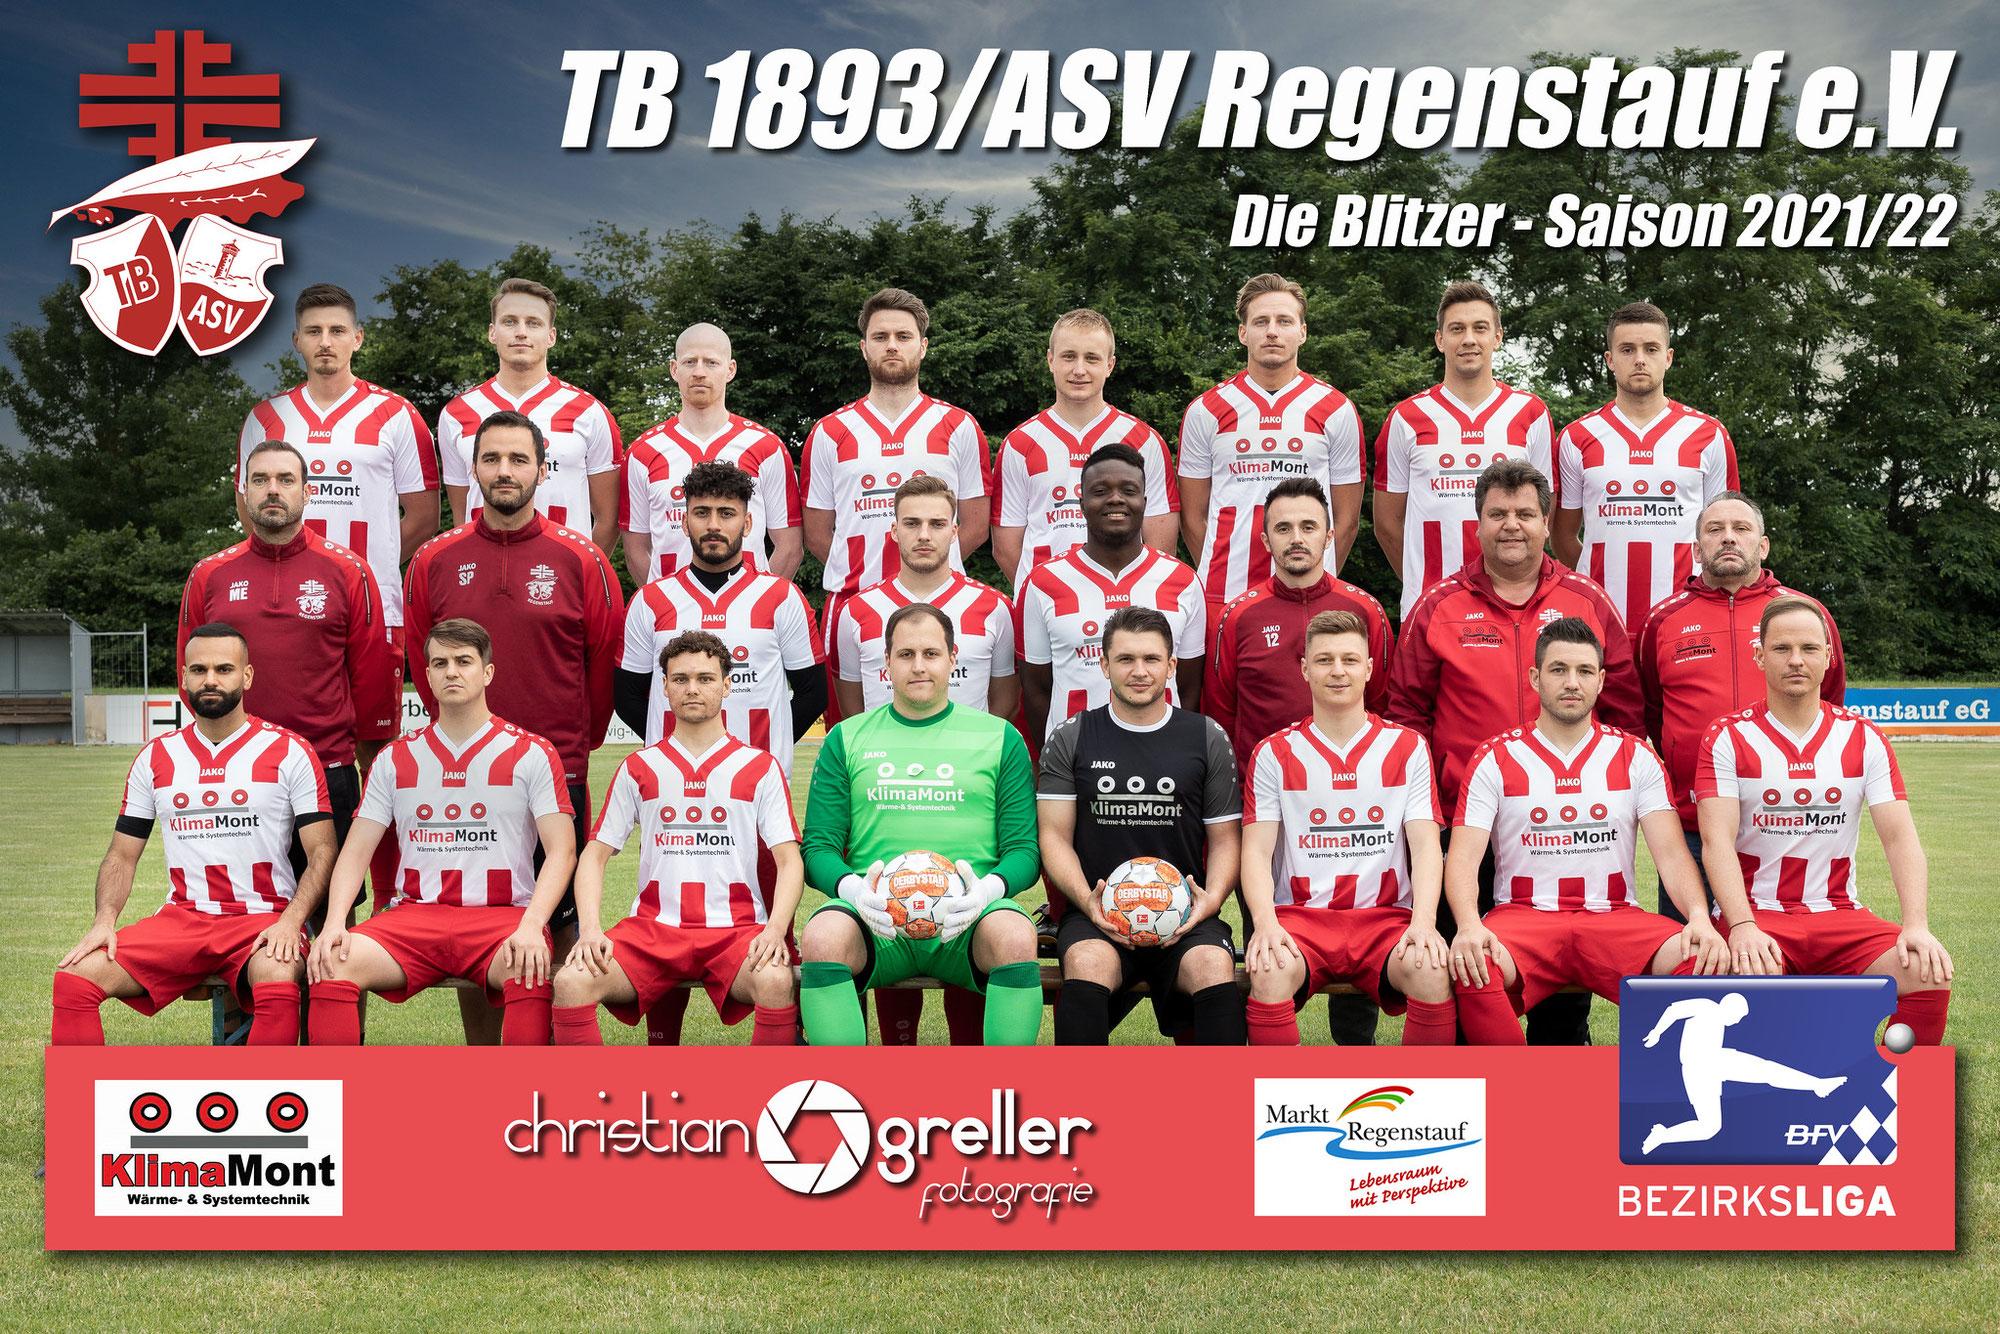 Neues Teamfoto für die Regenstaufer Fußballer